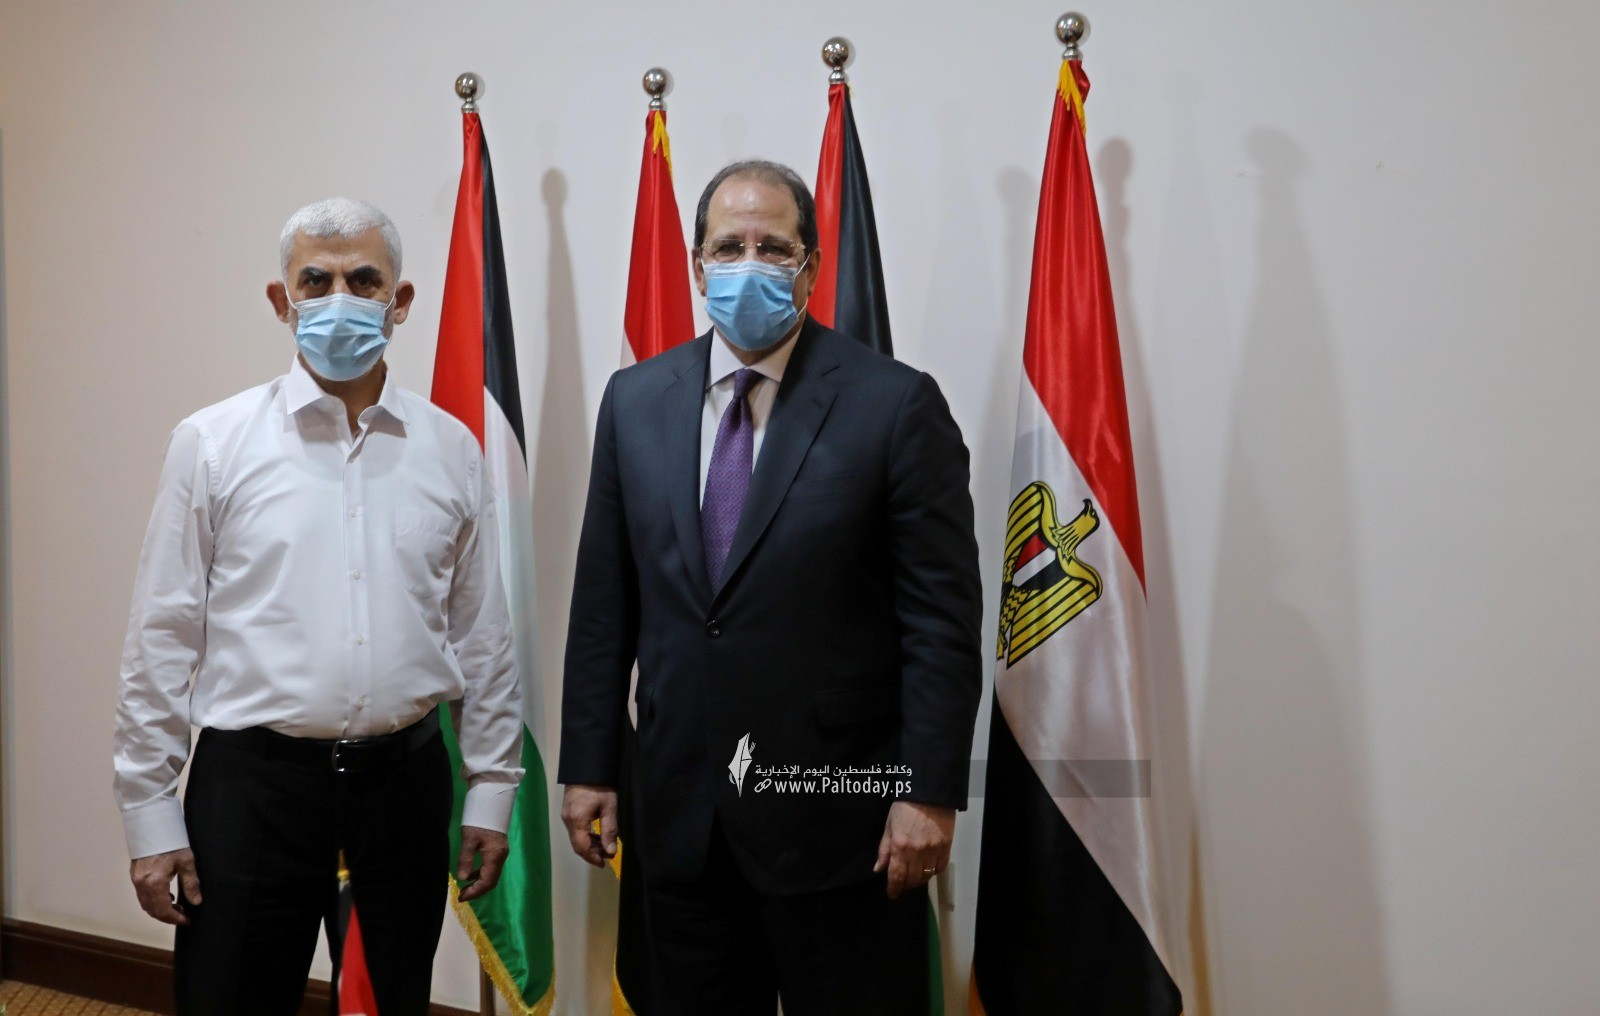 2اجتماع قادة حماس باللواء عباس كامل.jpg